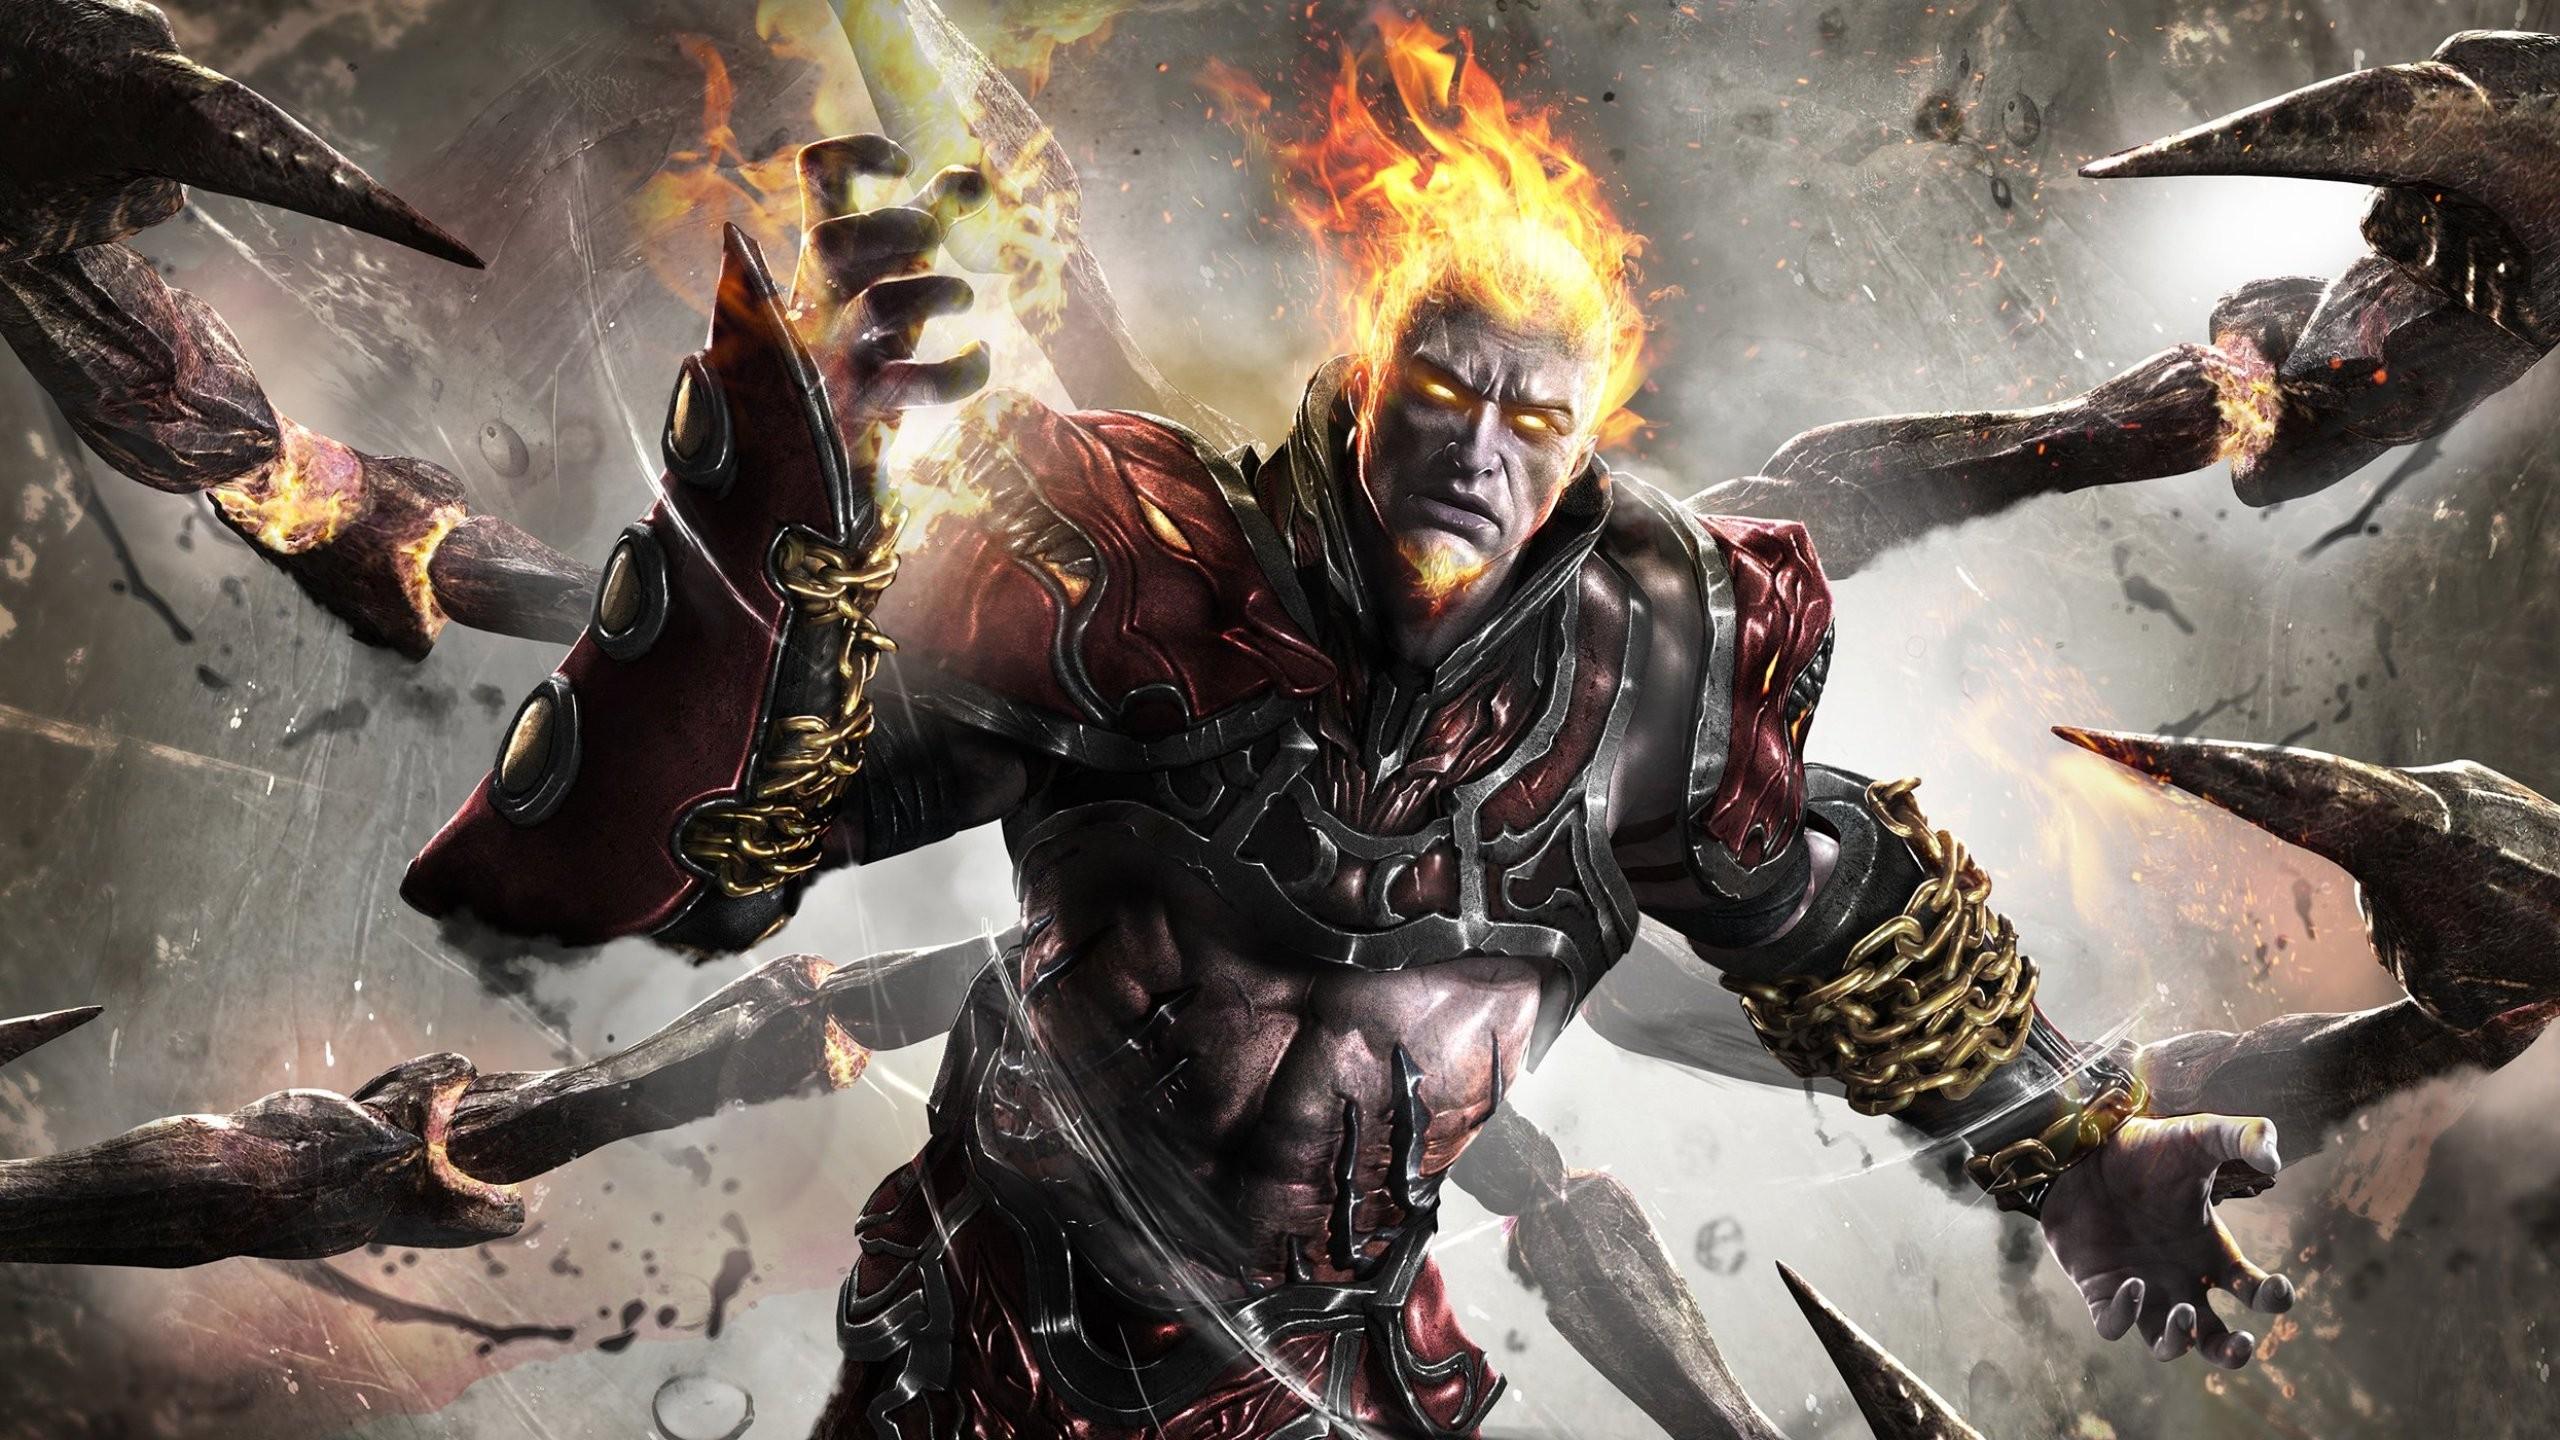 Video games god of war ares game god of war ascension wallpaper 2560x1440 206310 wallpaperup - Ares god of war wallpaper ...